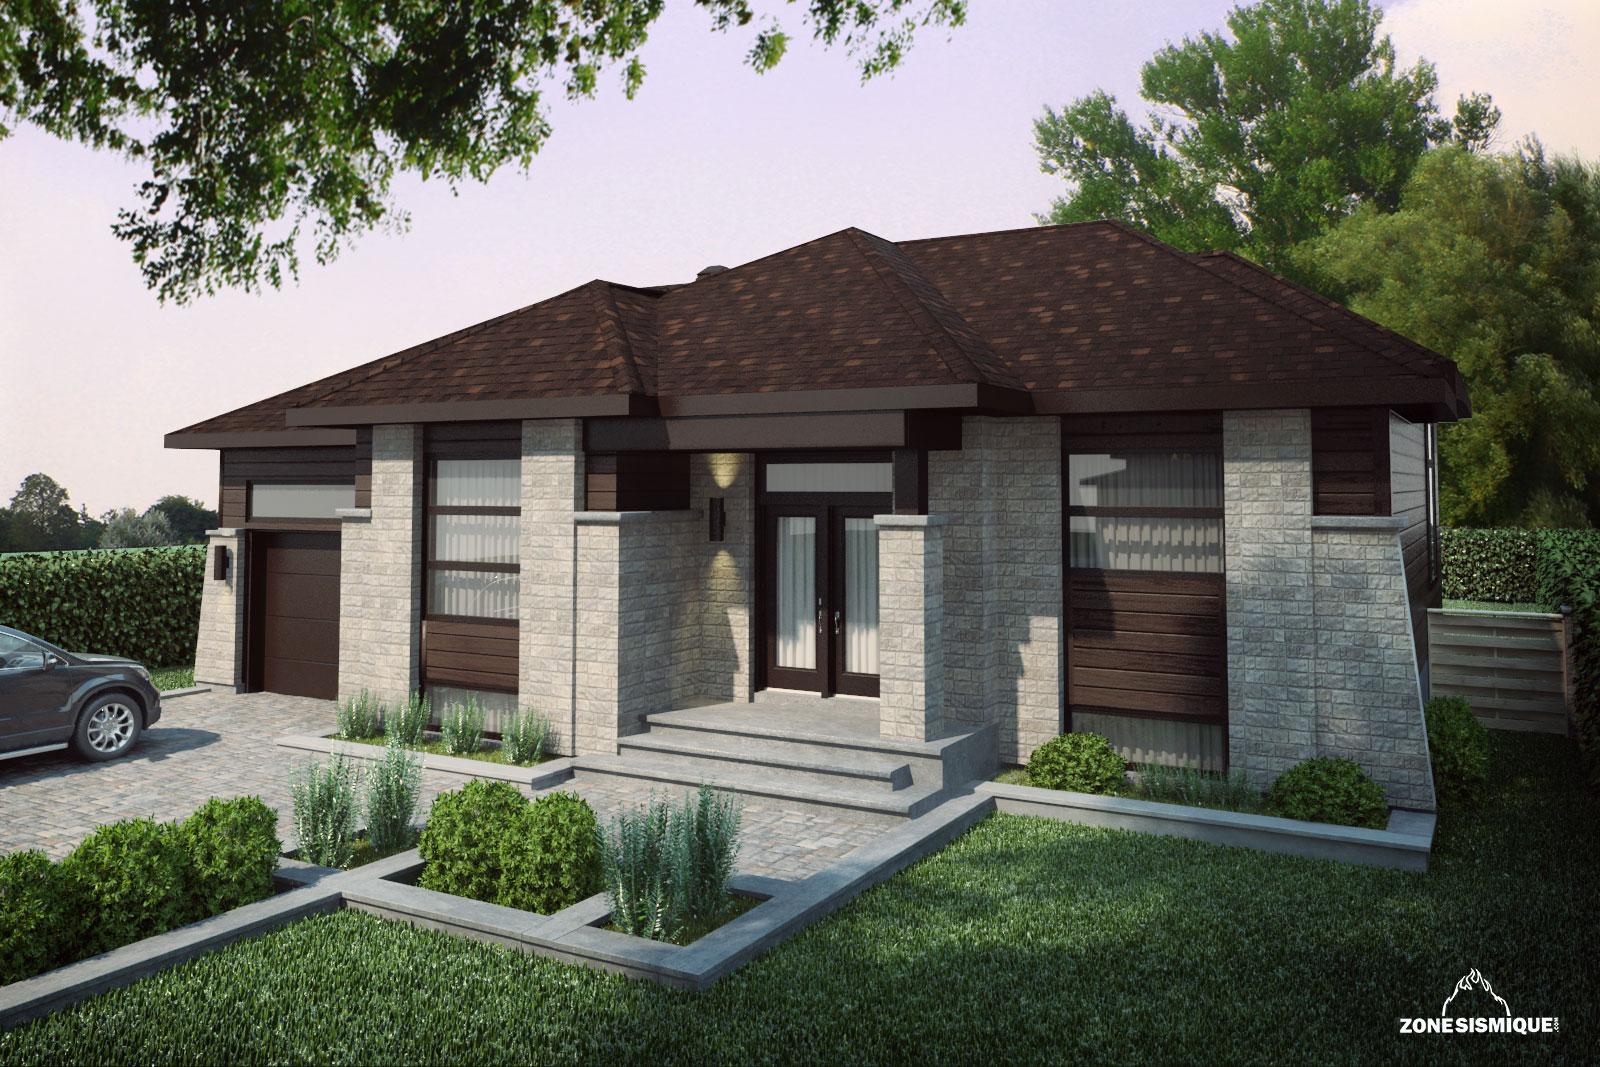 Zone sismique habitation malie maison moderne e432 env v1 for Photos de maisons modernes